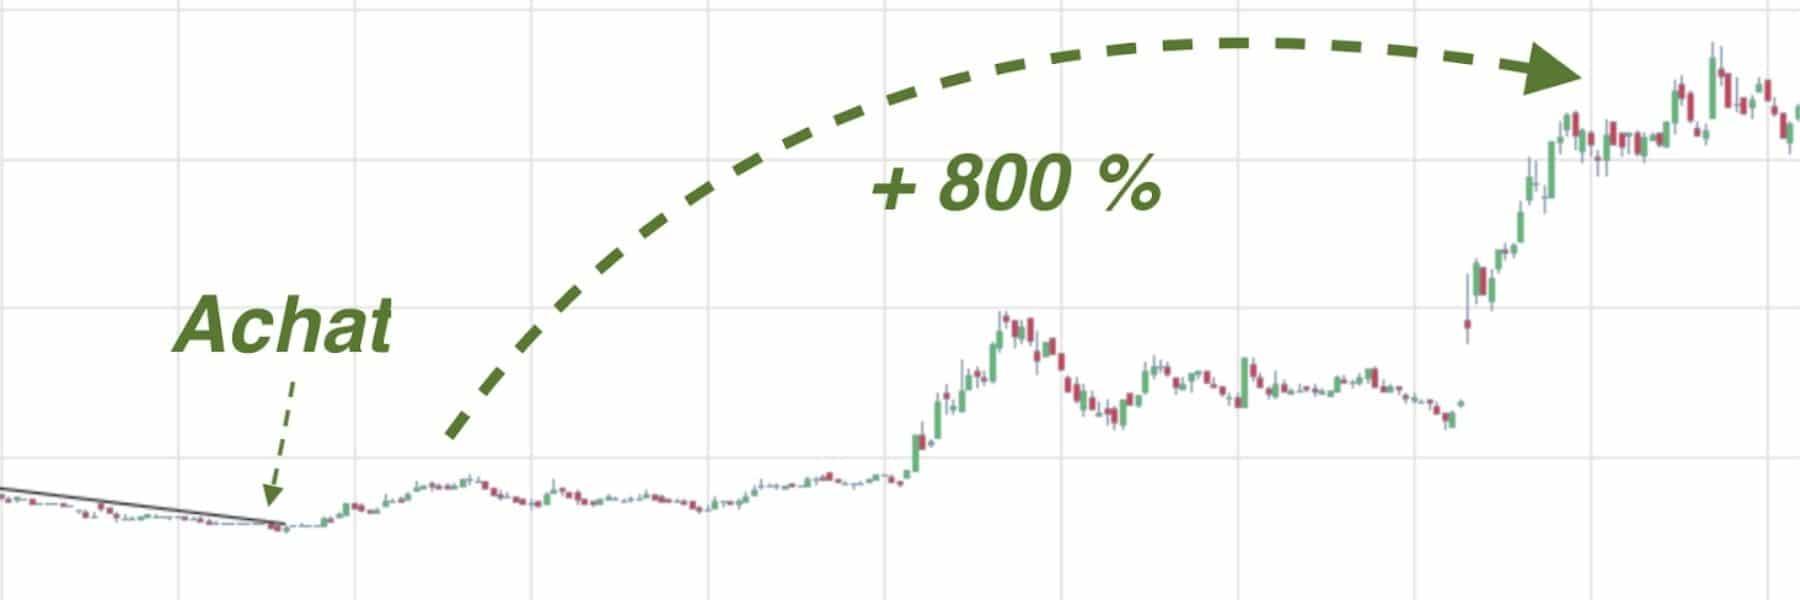 small caps graphe évolution du cours